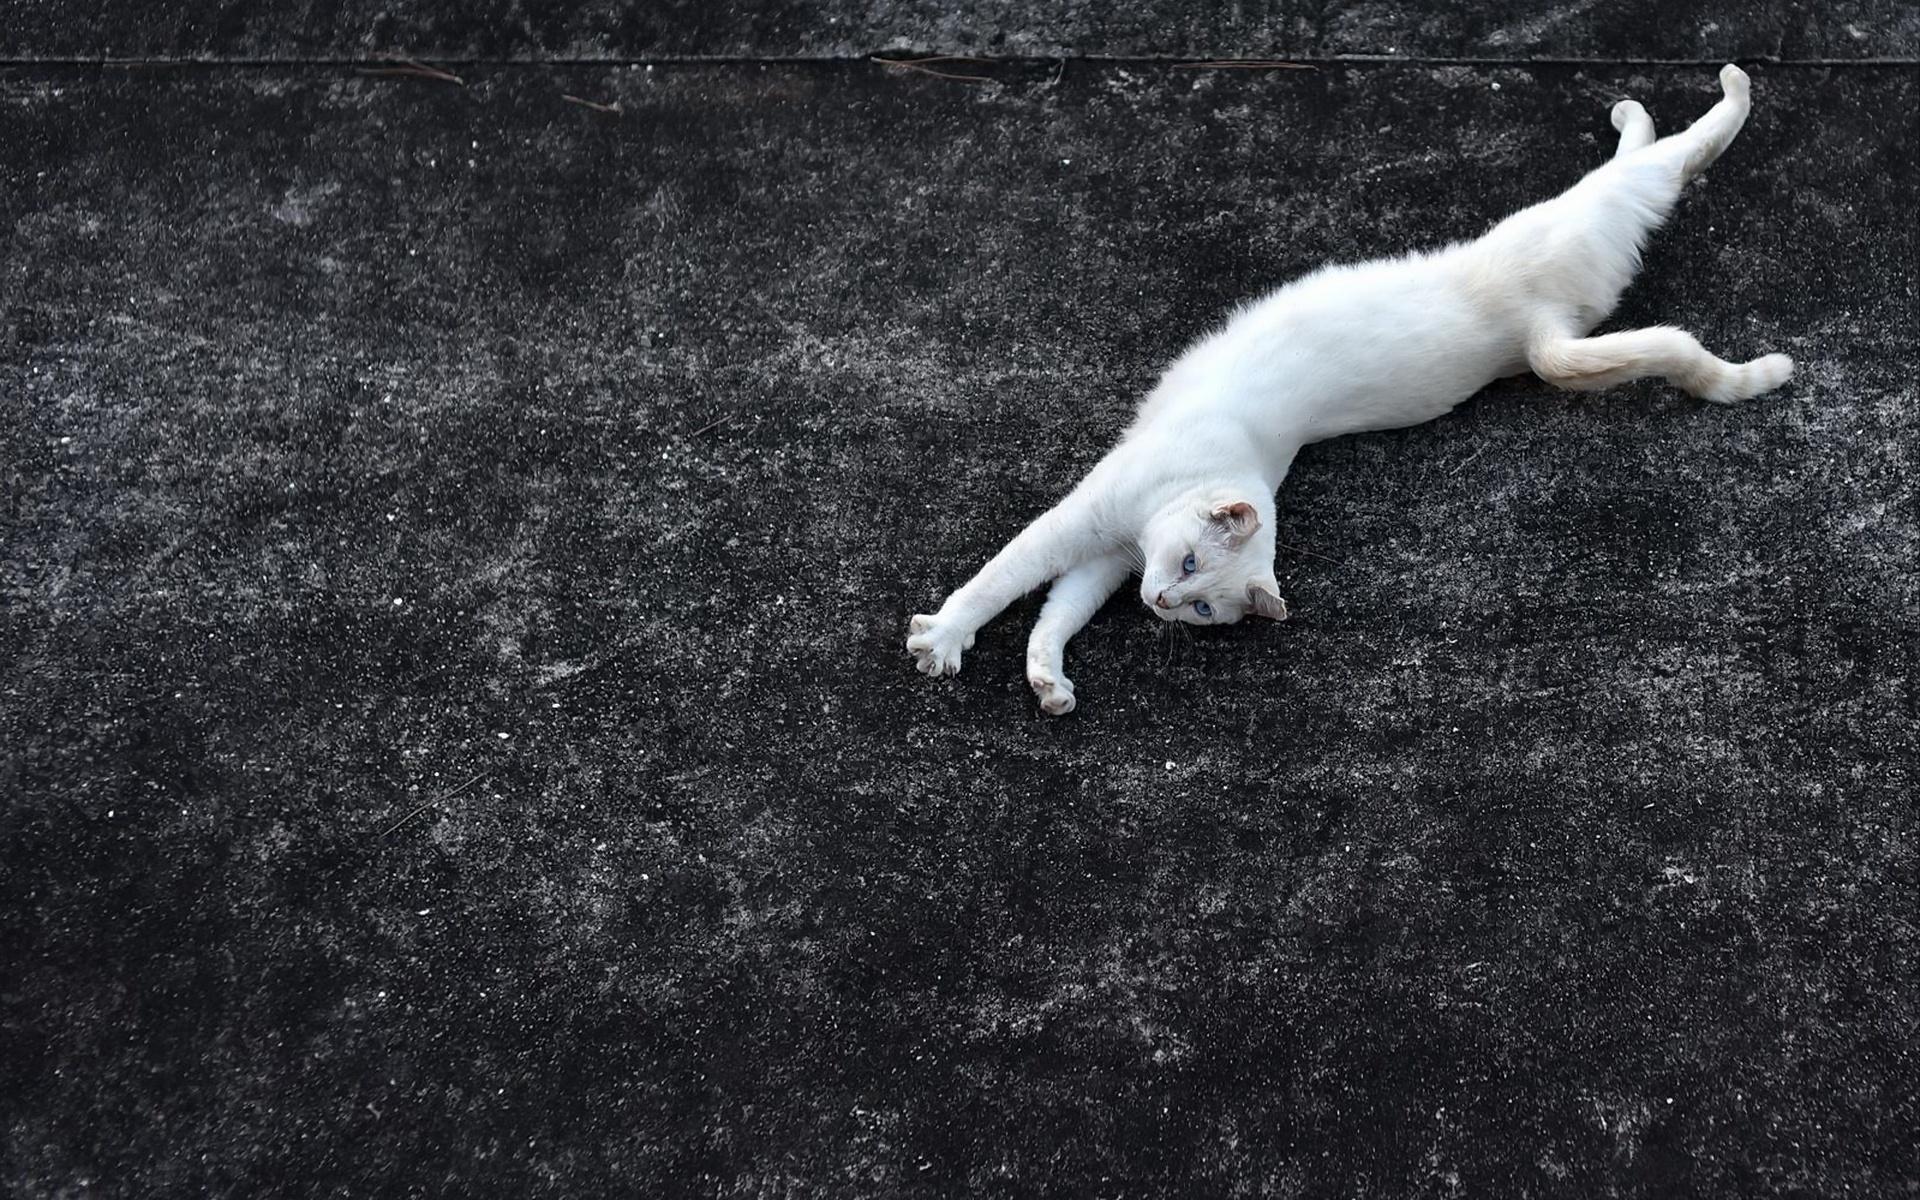 кошка, кот, белая кошка, асфальт, грация, голубые глаза, растянулась, черный фон